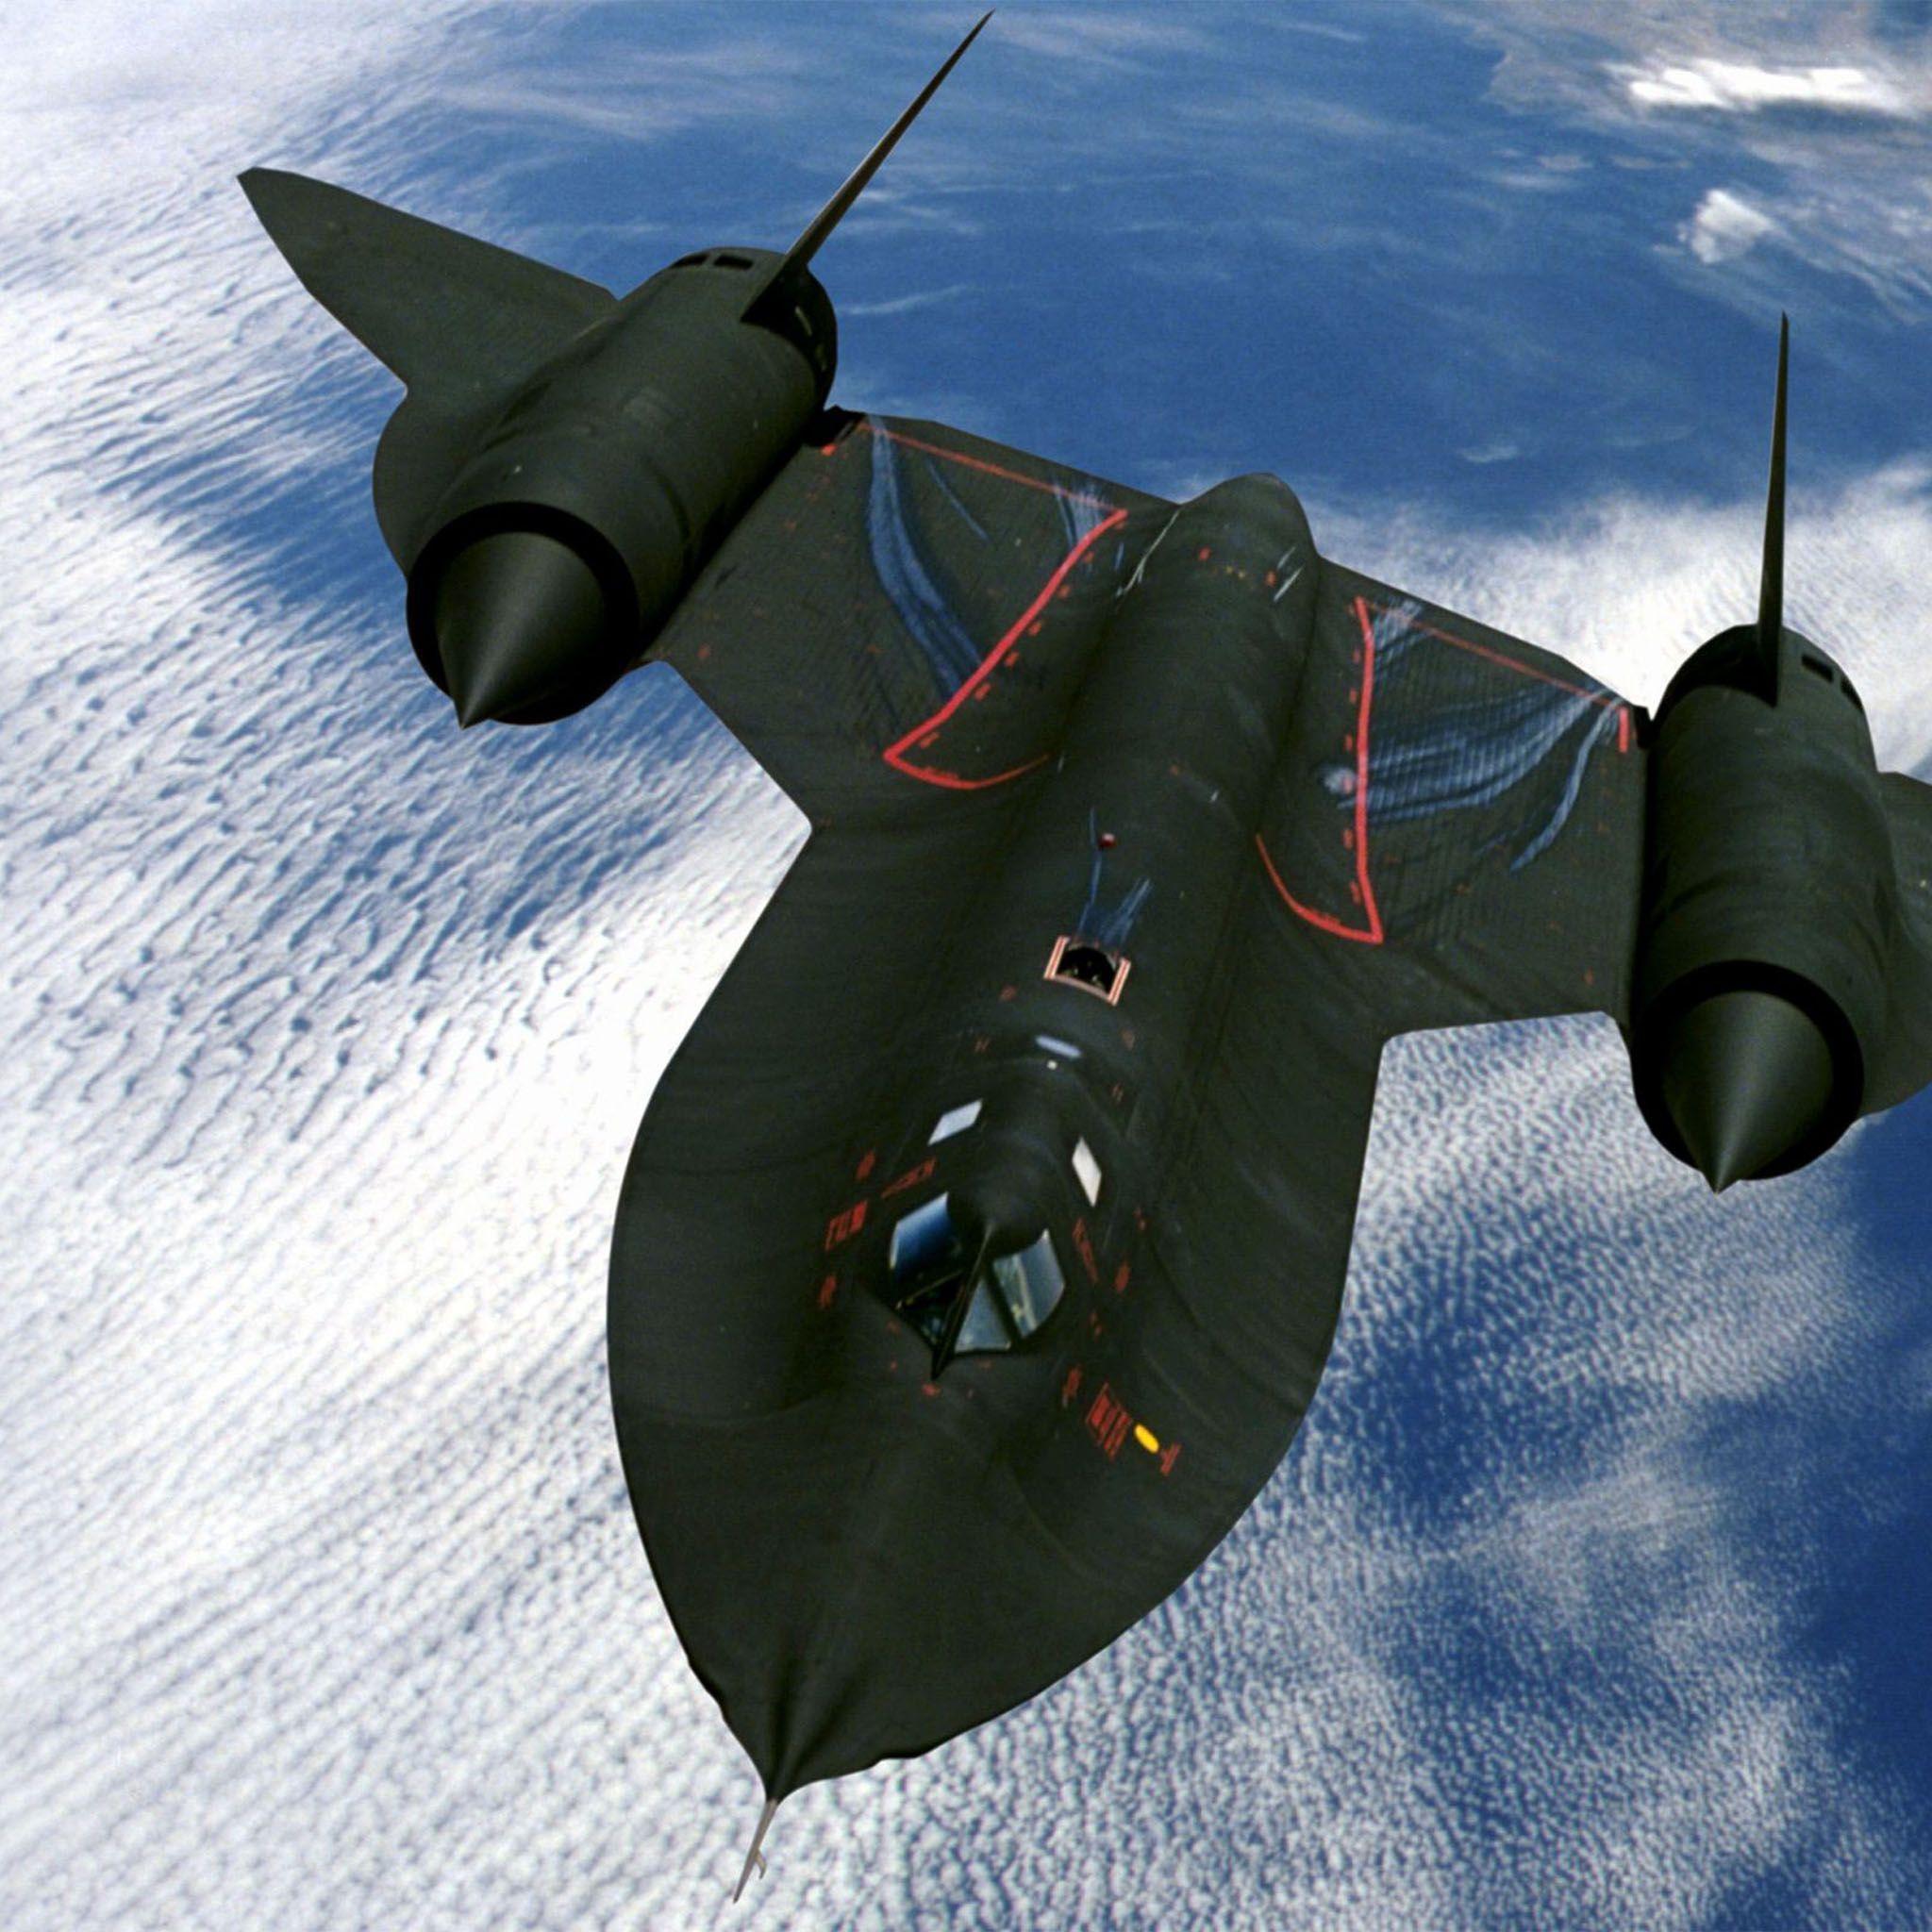 Sr 71 Blackbird Wallpaper Blackbird Plane Wallpaper Phone